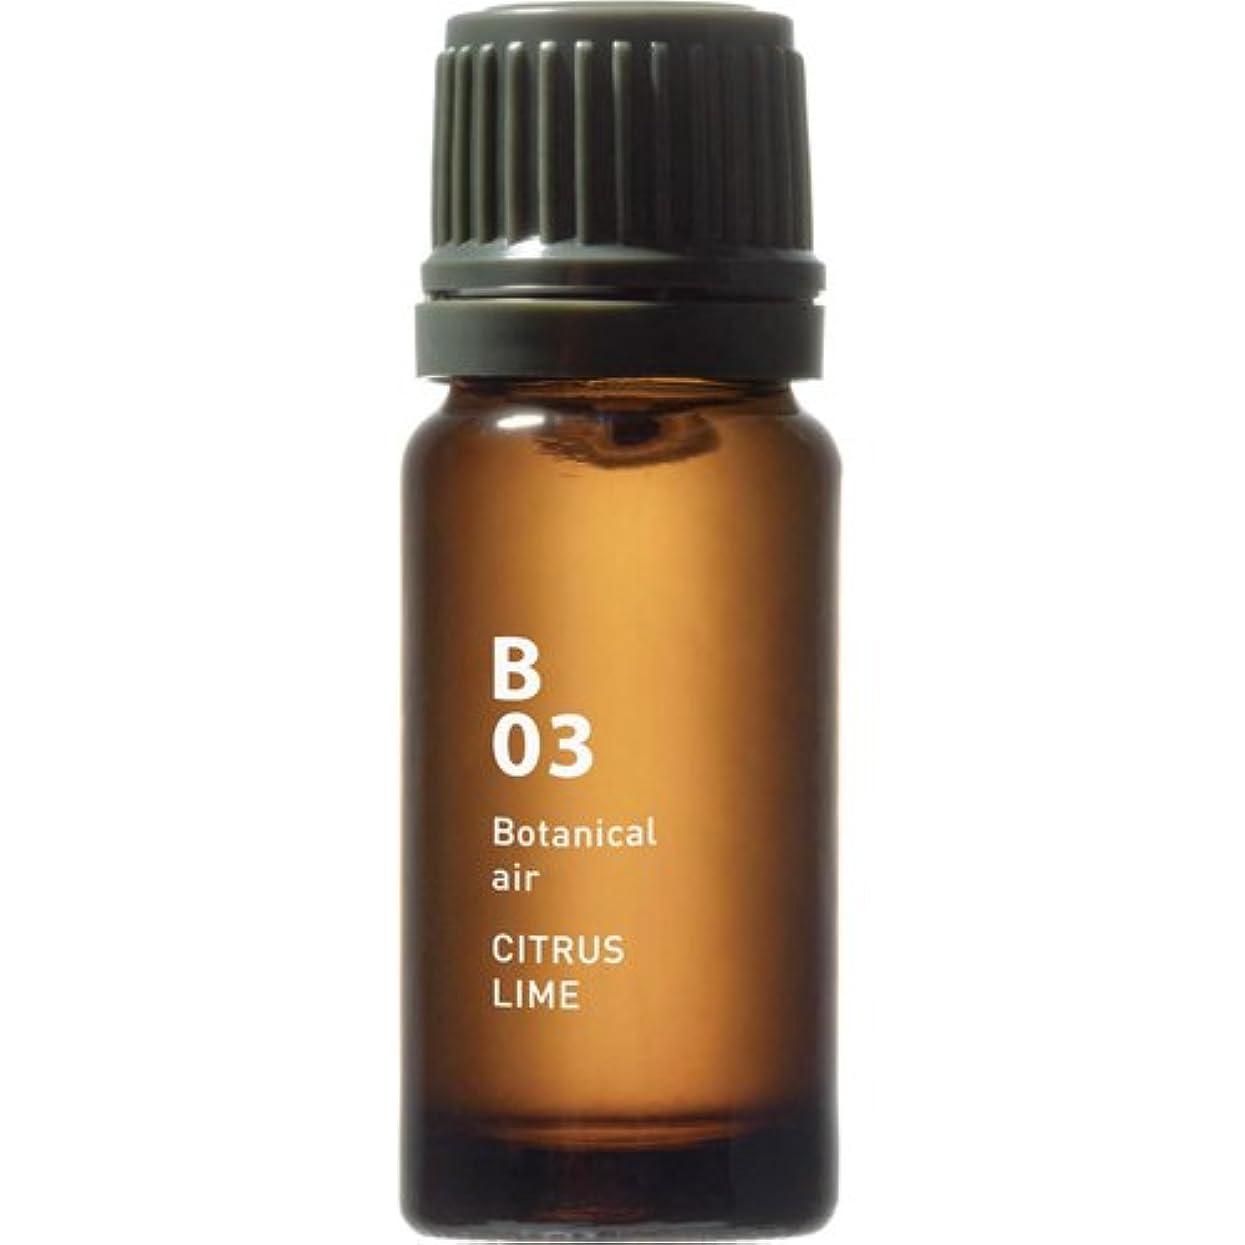 洗剤ラフ睡眠クラウドB03 シトラスライム Botanical air(ボタニカルエアー) 10ml